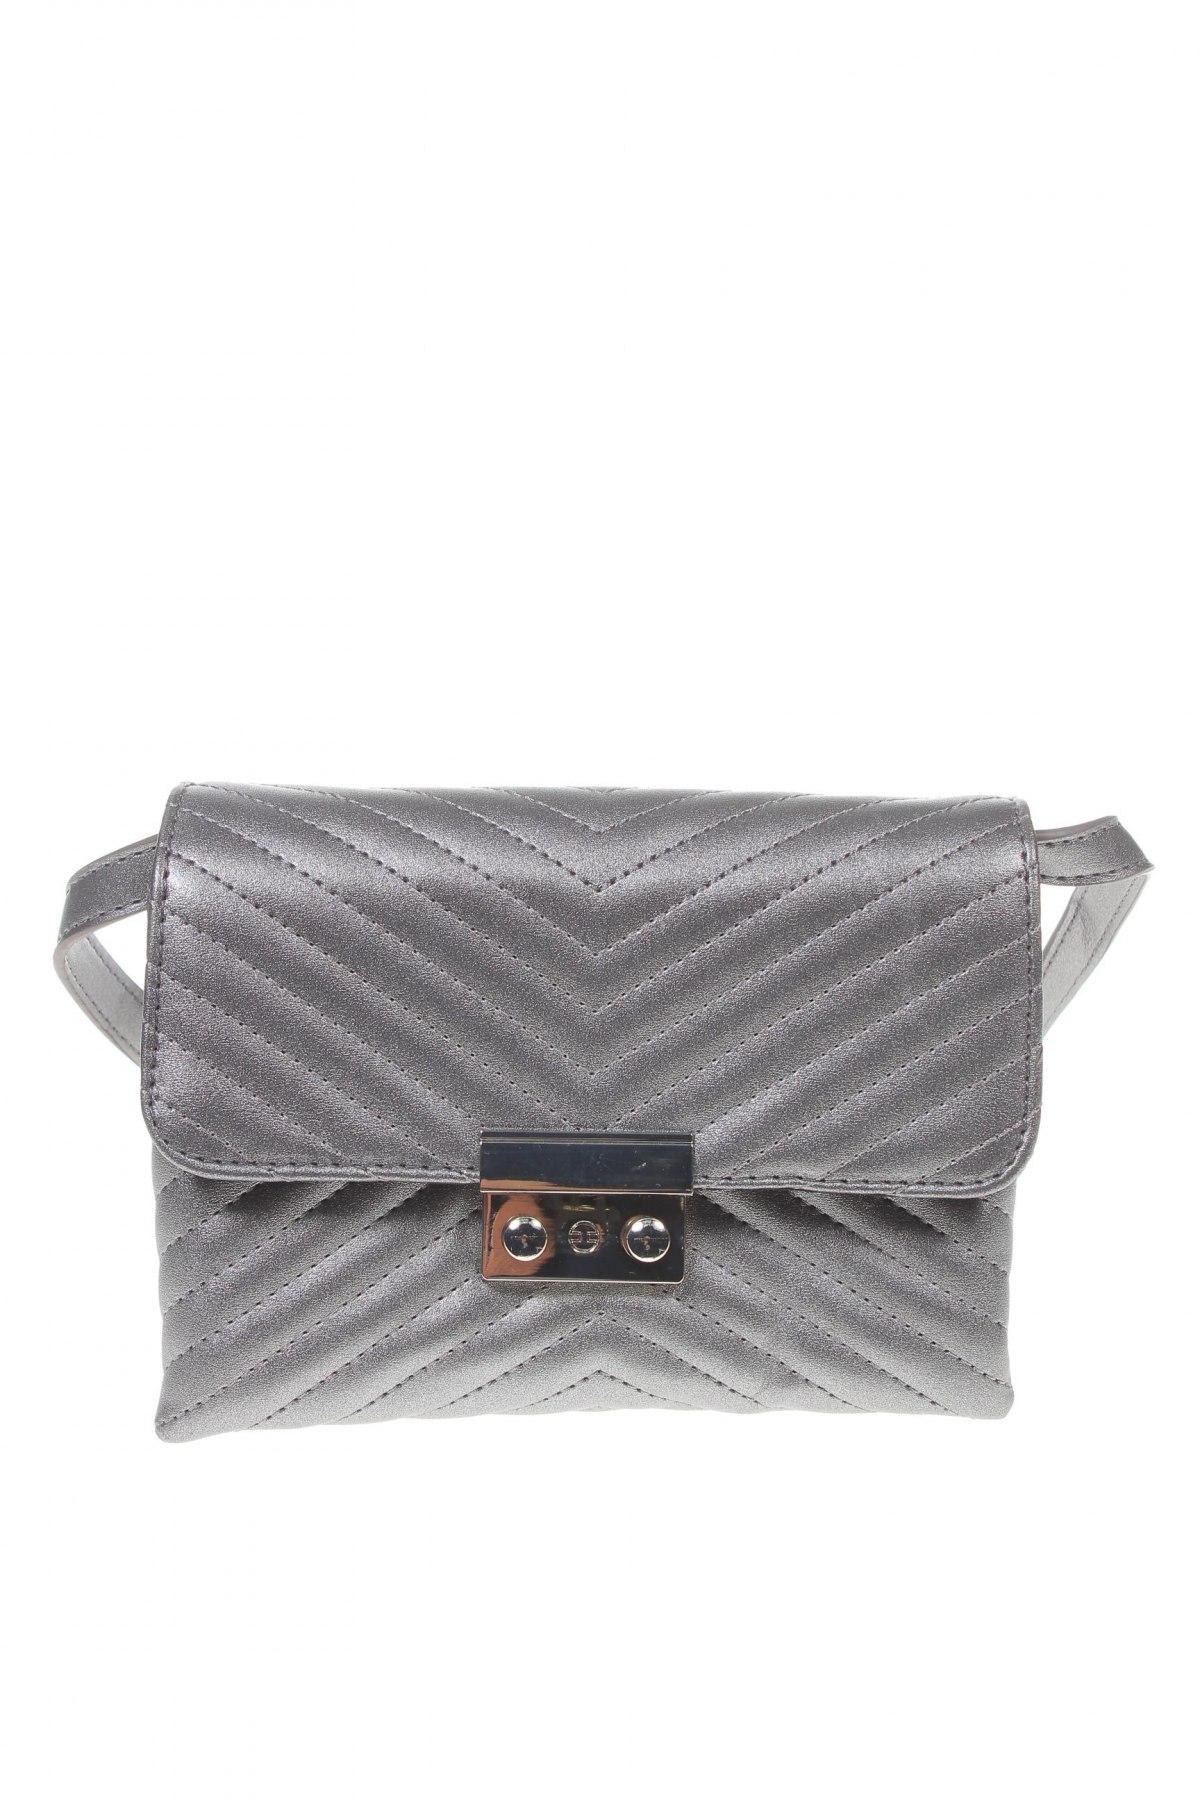 Γυναικεία τσάντα House, Χρώμα Ασημί, Δερματίνη, Τιμή 16,24€